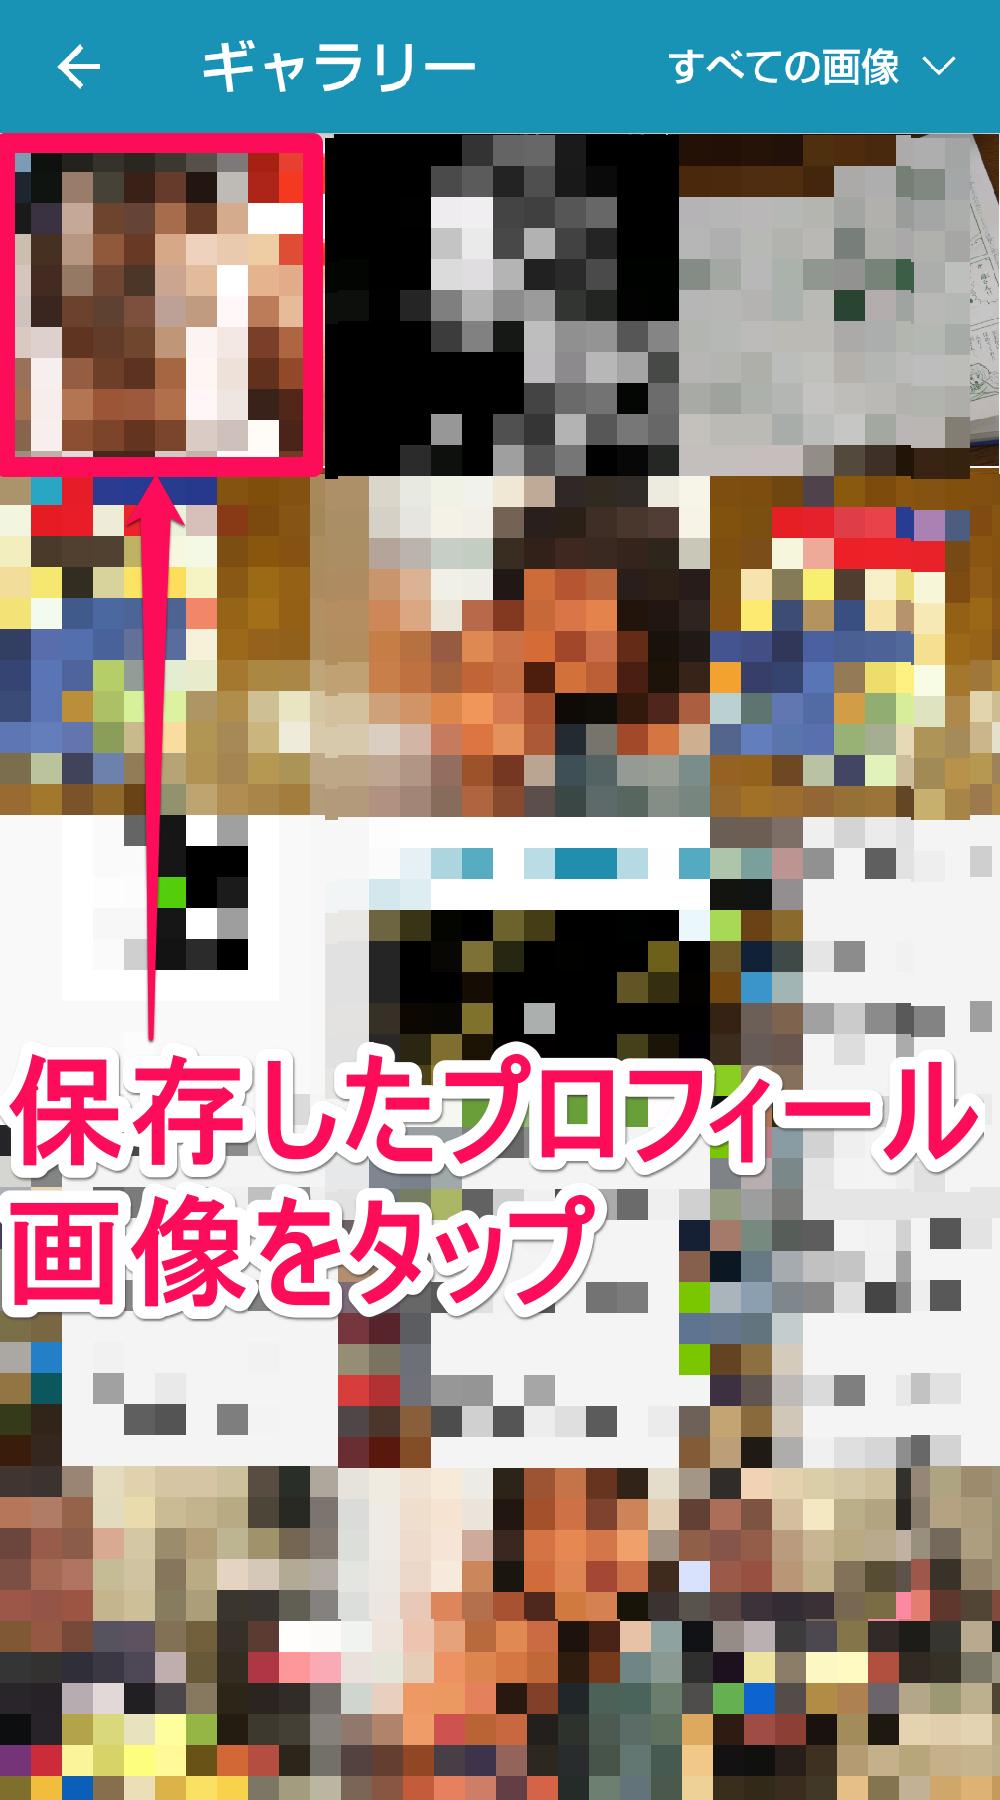 Bing(ビング)アプリの「ギャラリー」画面